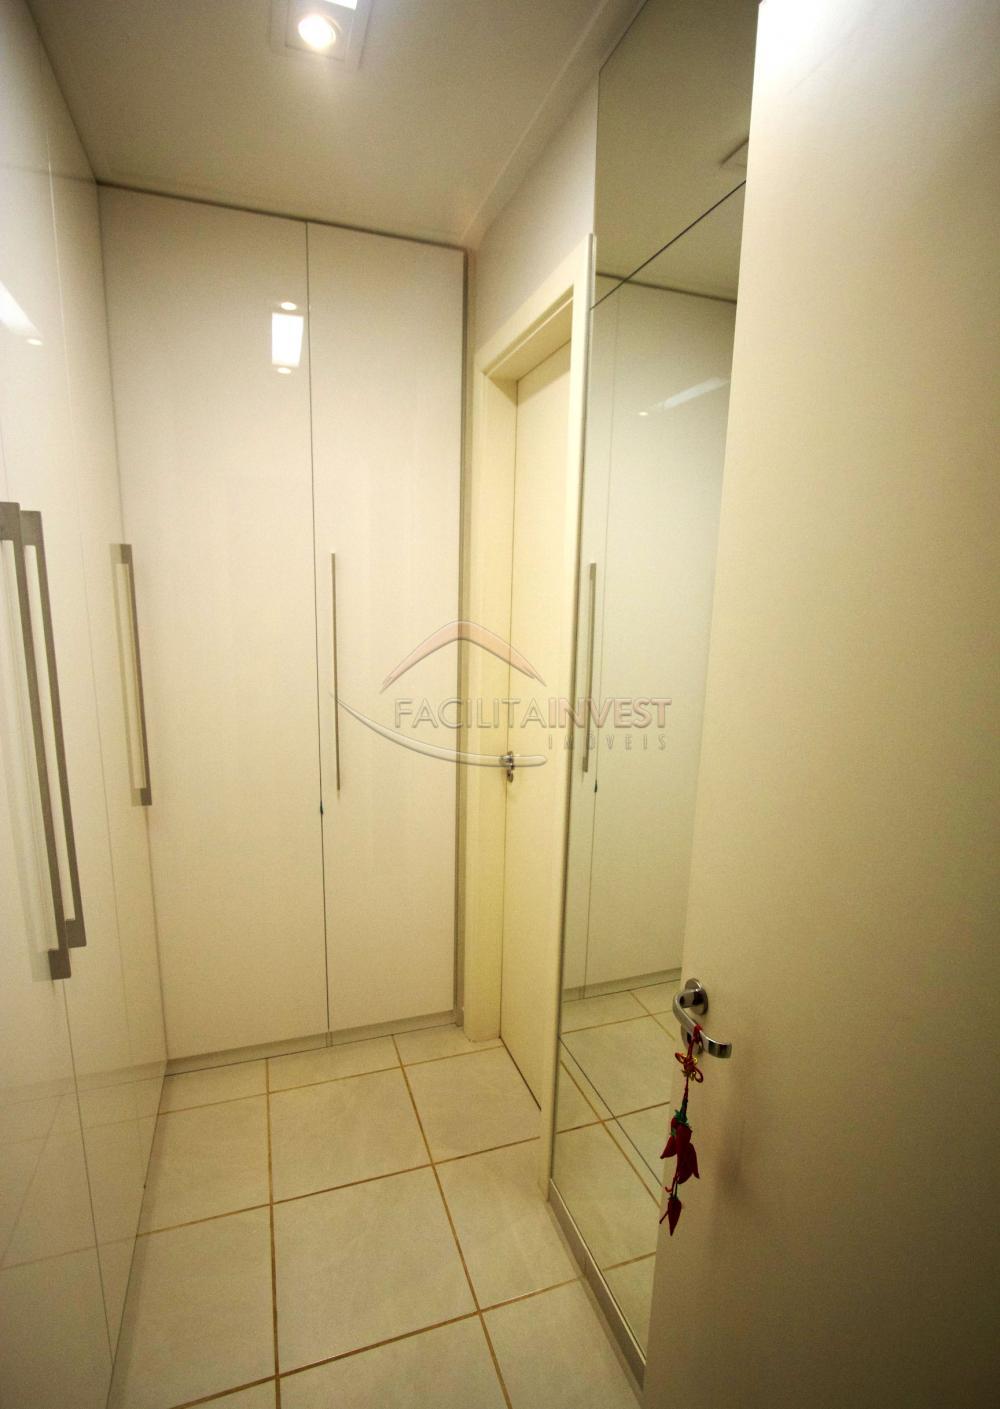 Alugar Apartamentos / Apartamento Mobiliado em Ribeirão Preto apenas R$ 1.800,00 - Foto 12